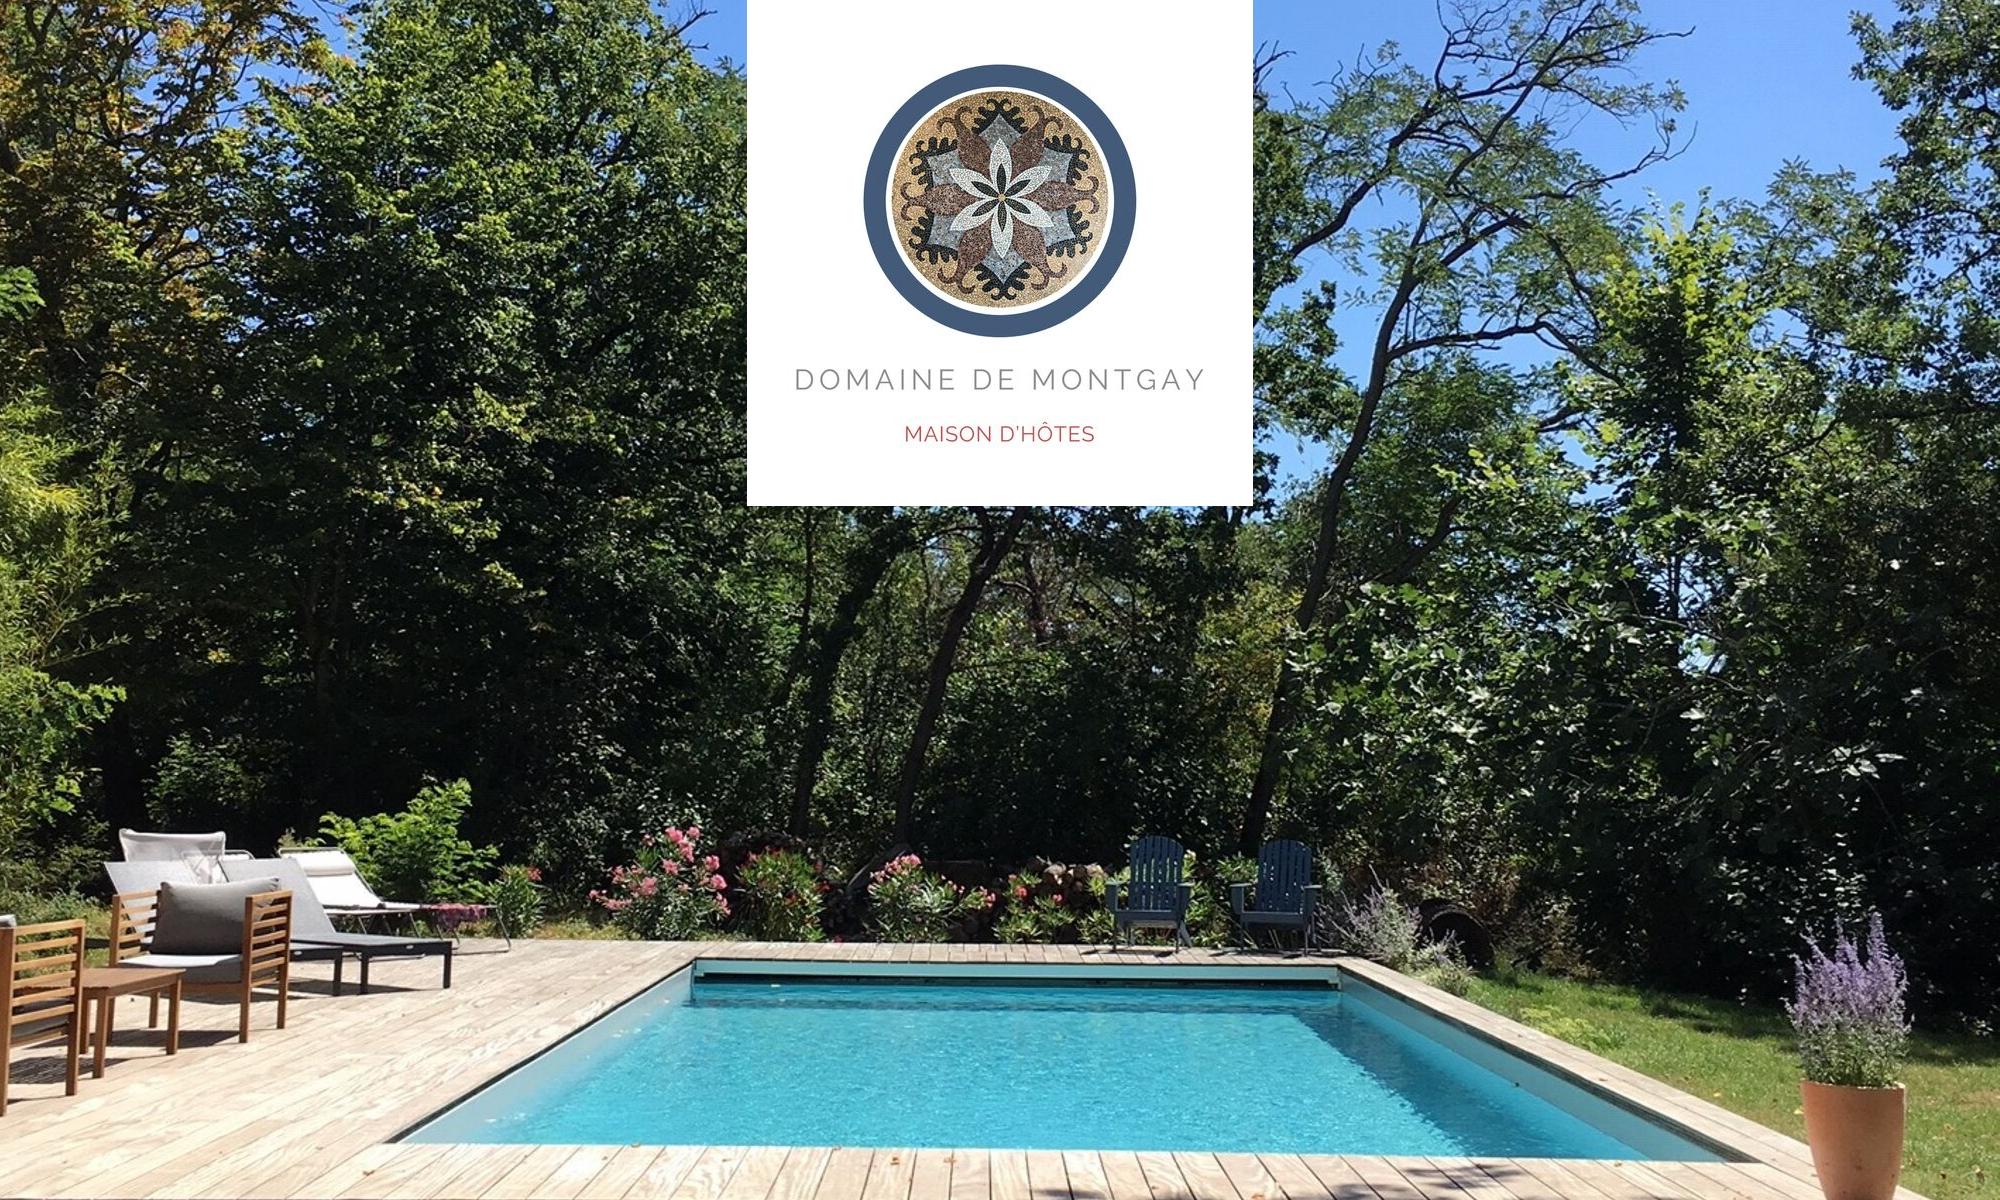 Le Domaine de Montgay